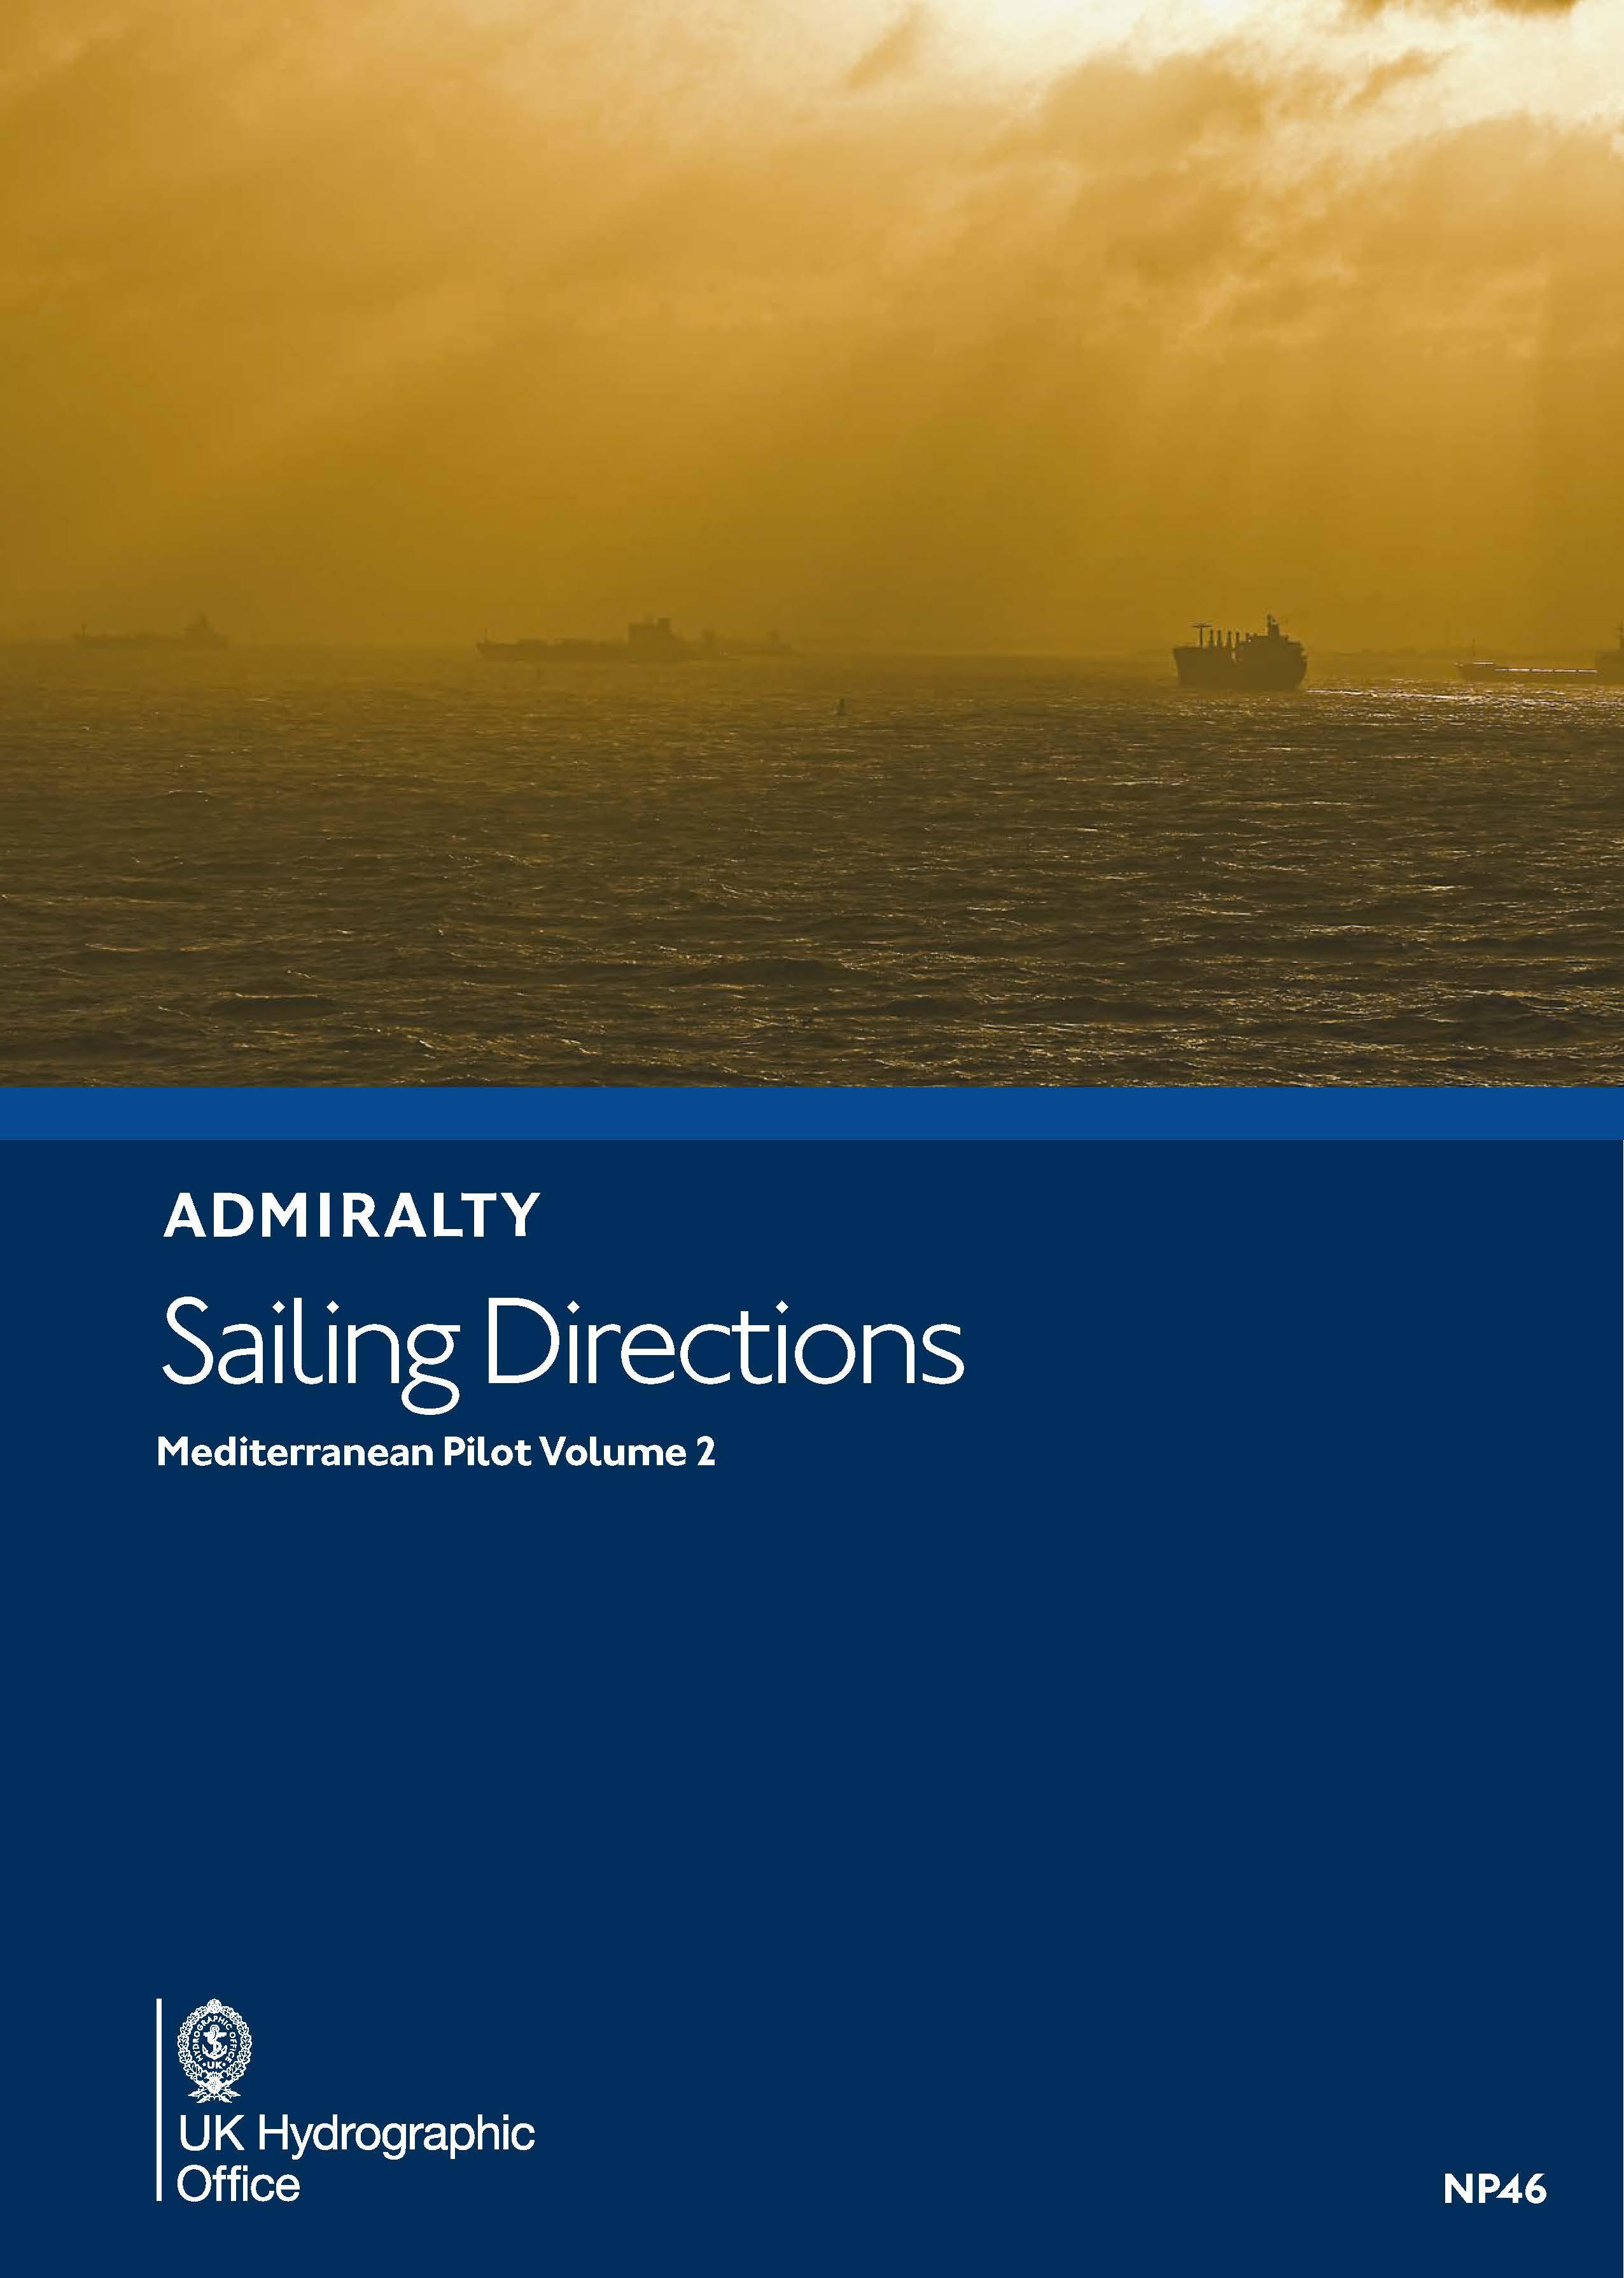 ADMIRALTY NP46 Mediterranean Pilot Vol 2 - Seehandbuch